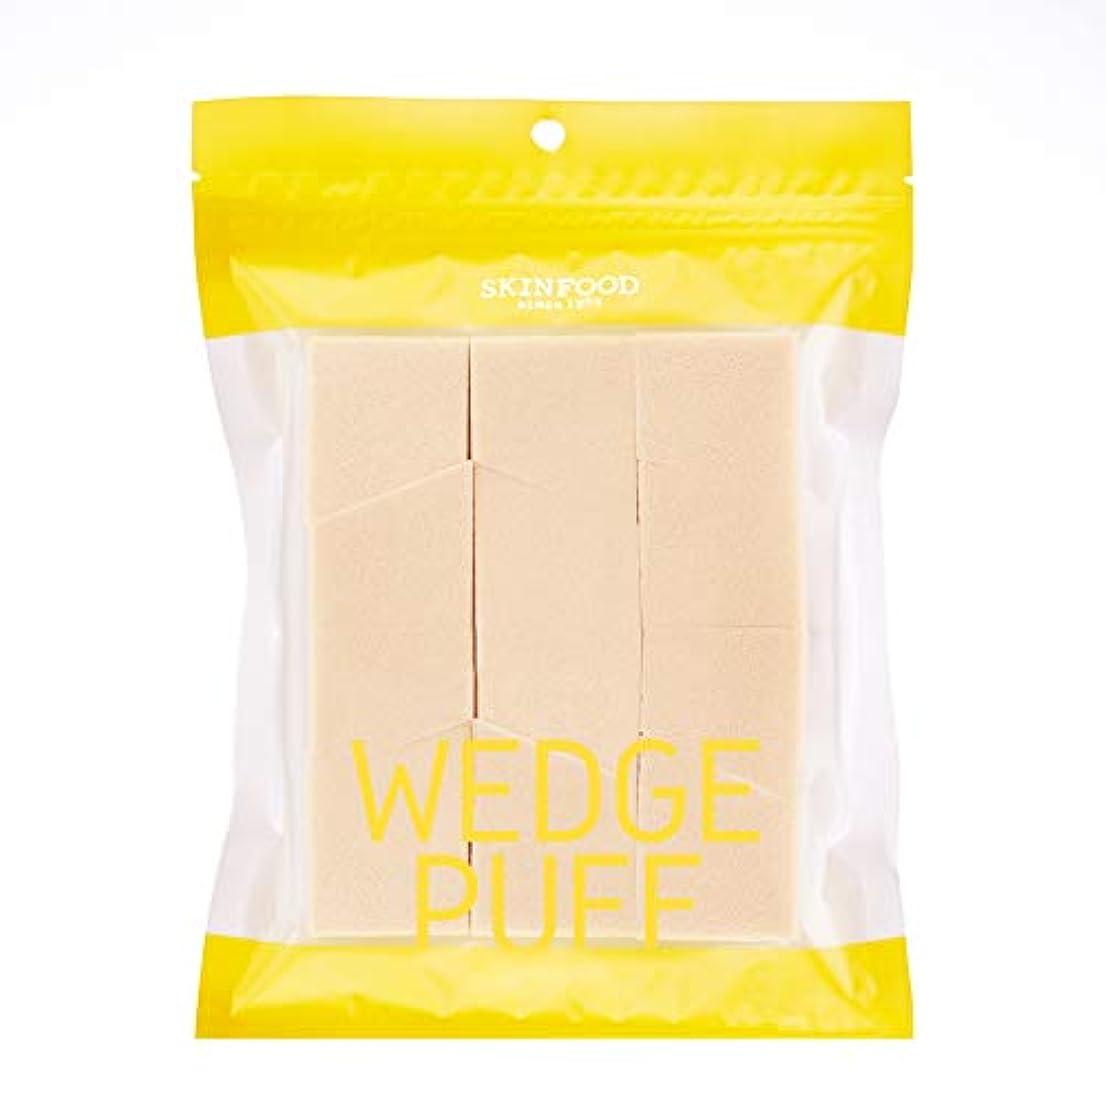 グラディス入植者ソロ[2016 New] SKINFOOD Wedge Puff Sponge Jumbo Size (12pcs)/スキンフード ウェッジ パフ スポンジ ジャンボサイズ (12個入り)